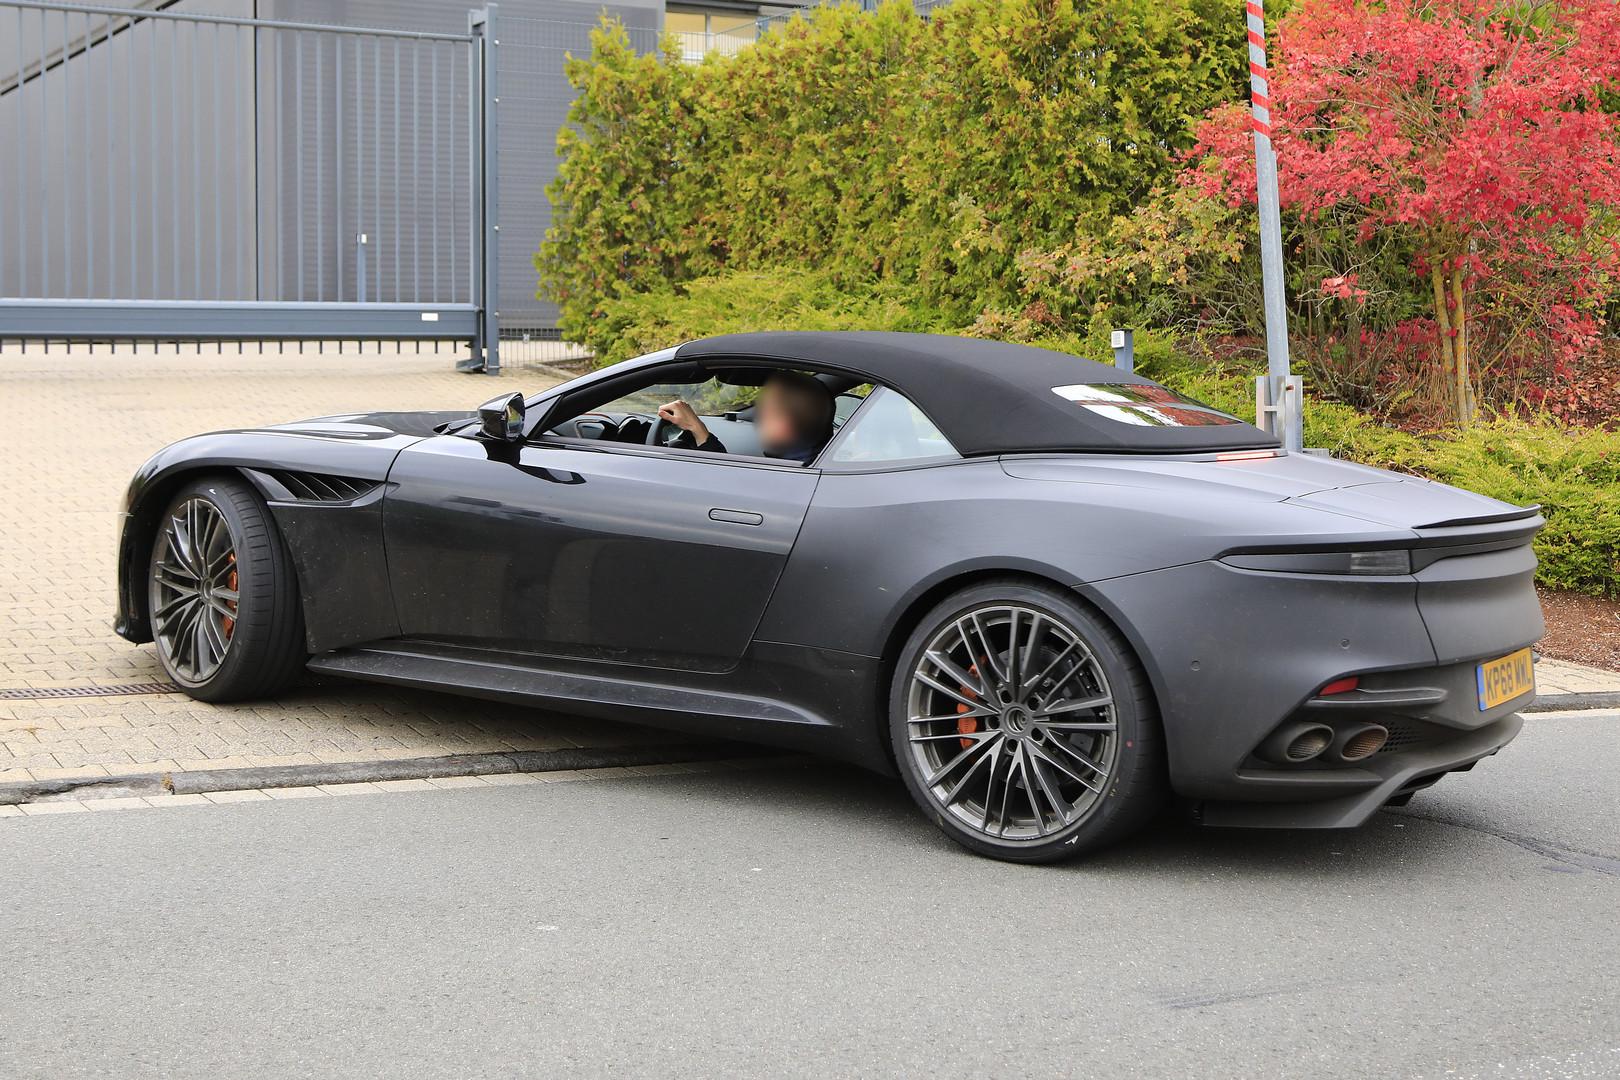 Фотографии показывают, что DBS Superleggera получит традиционную мягкую крышу, почти такую же, как и другие модели Volante от Aston Martin. Мы ожидаем, что он будет представлен на Женевском автосалоне 2019, хотя пока это еще не подтверждено.